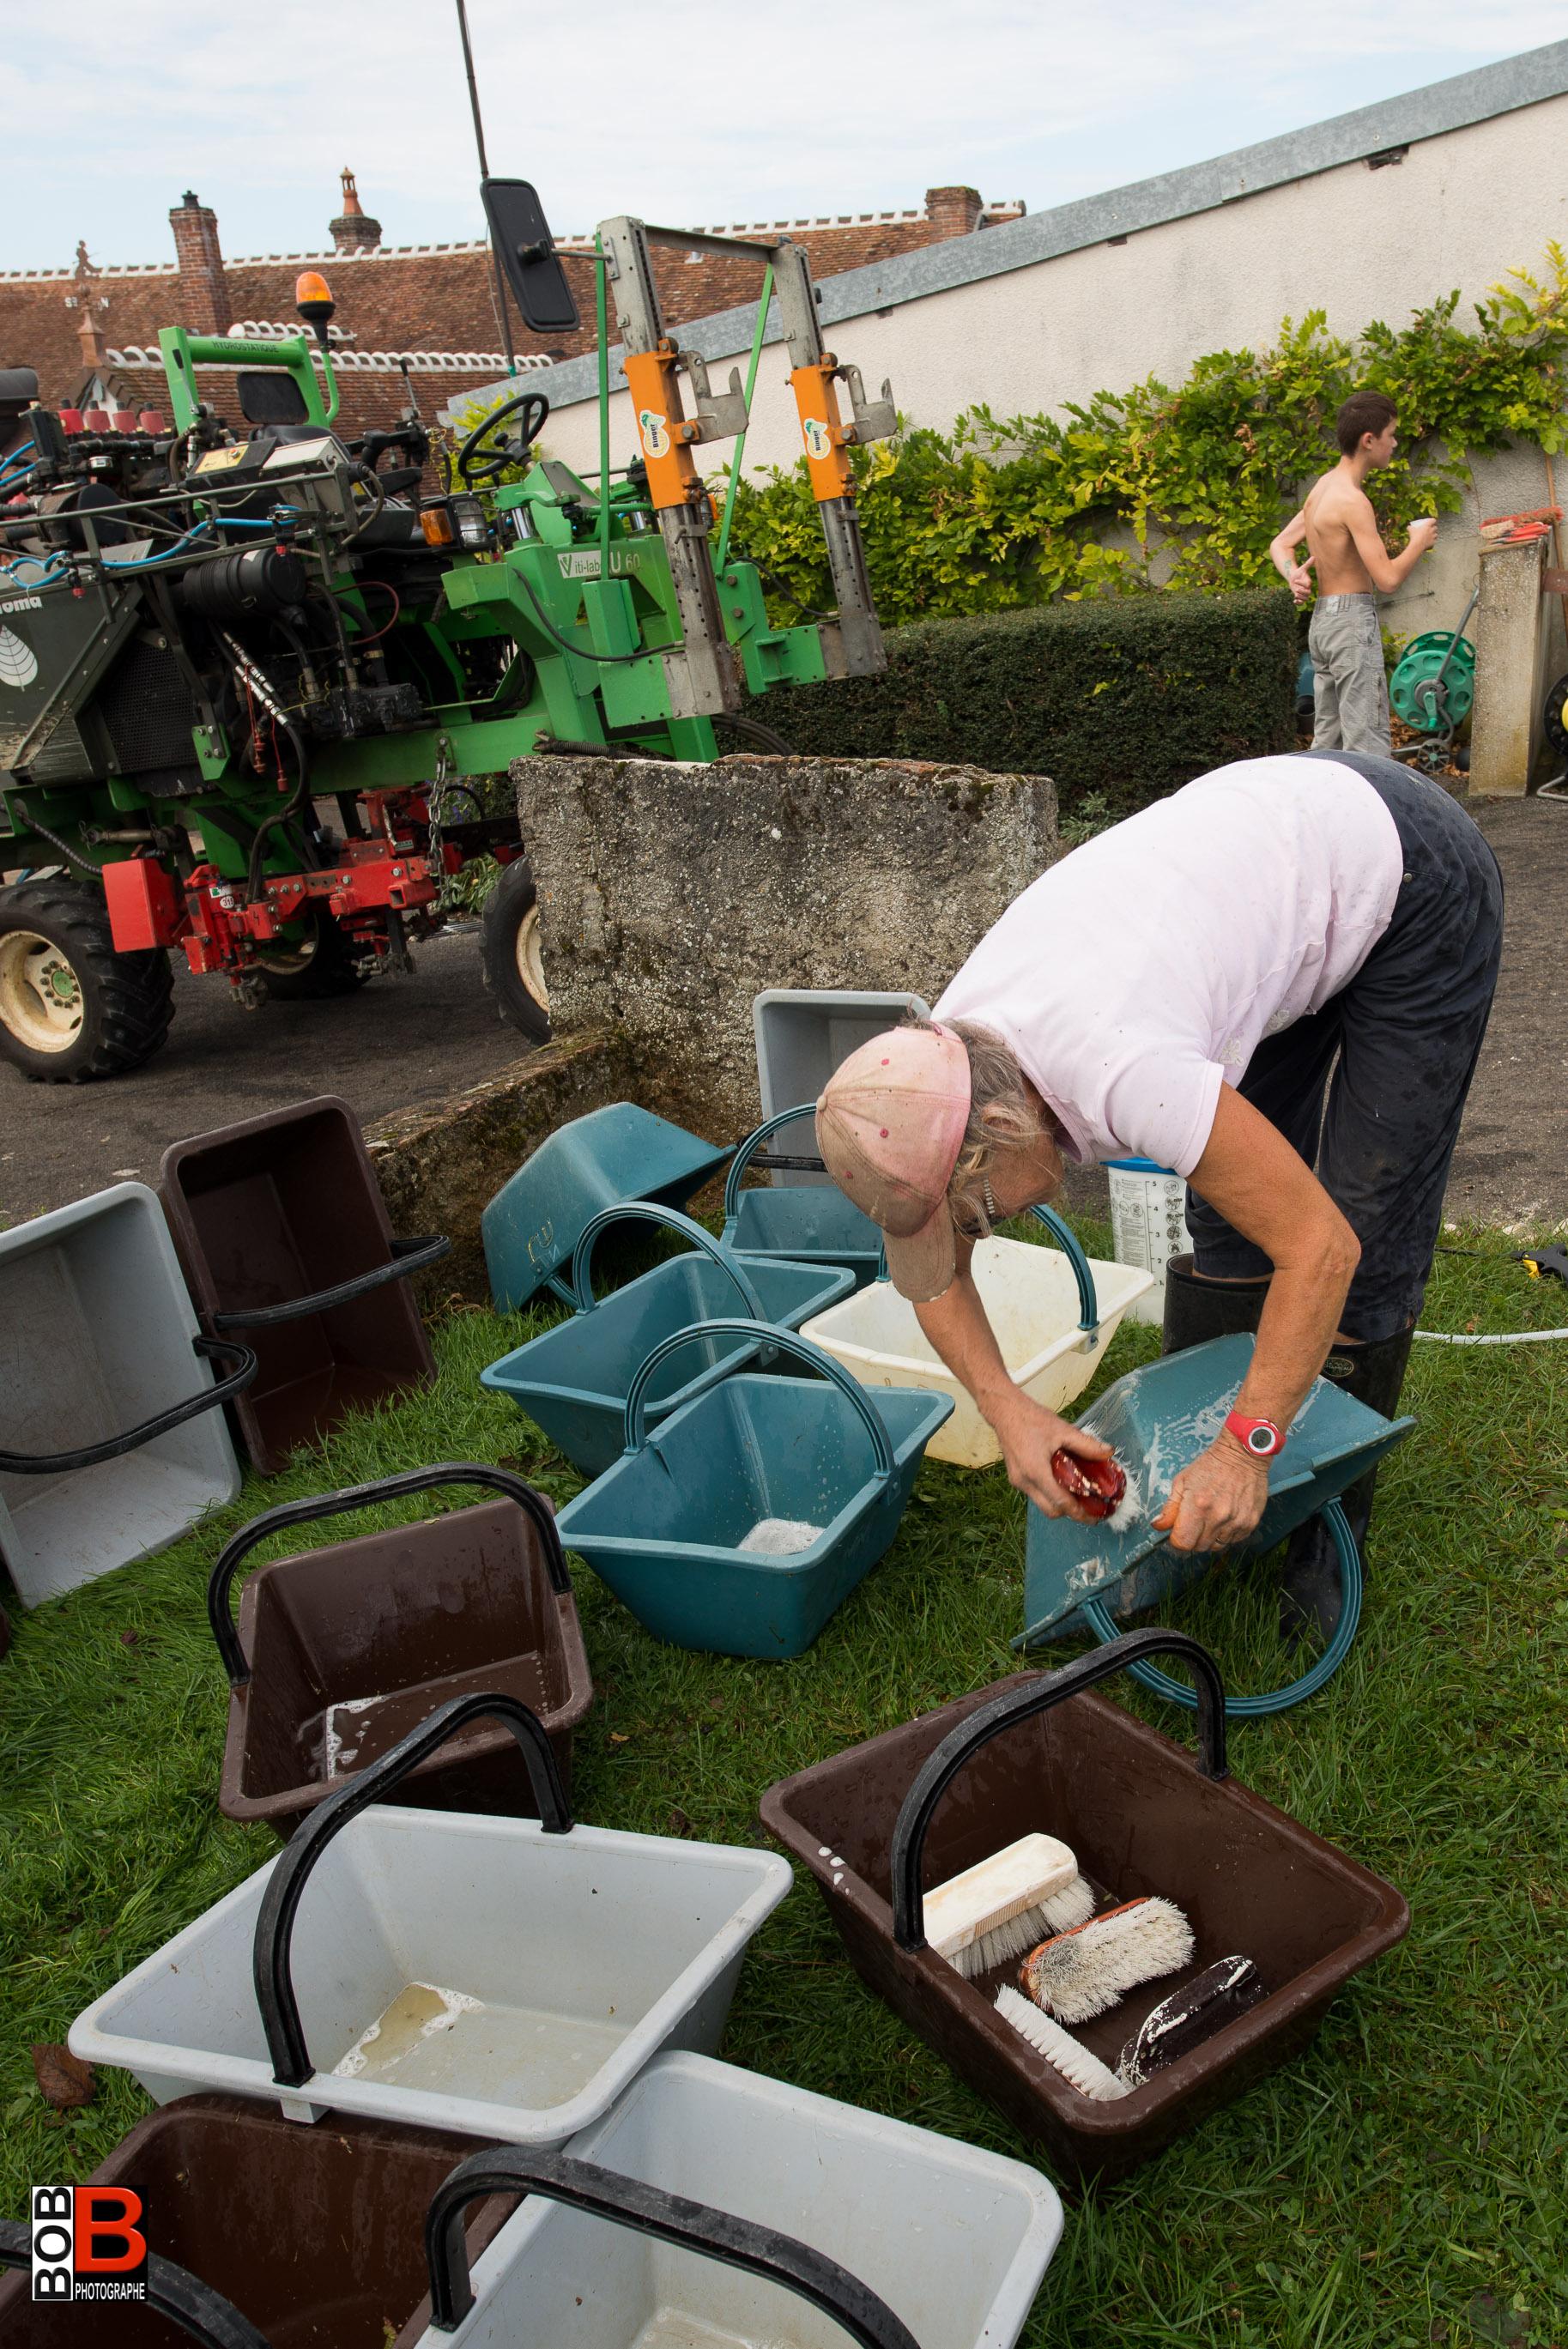 Nettoyage des petits paniers